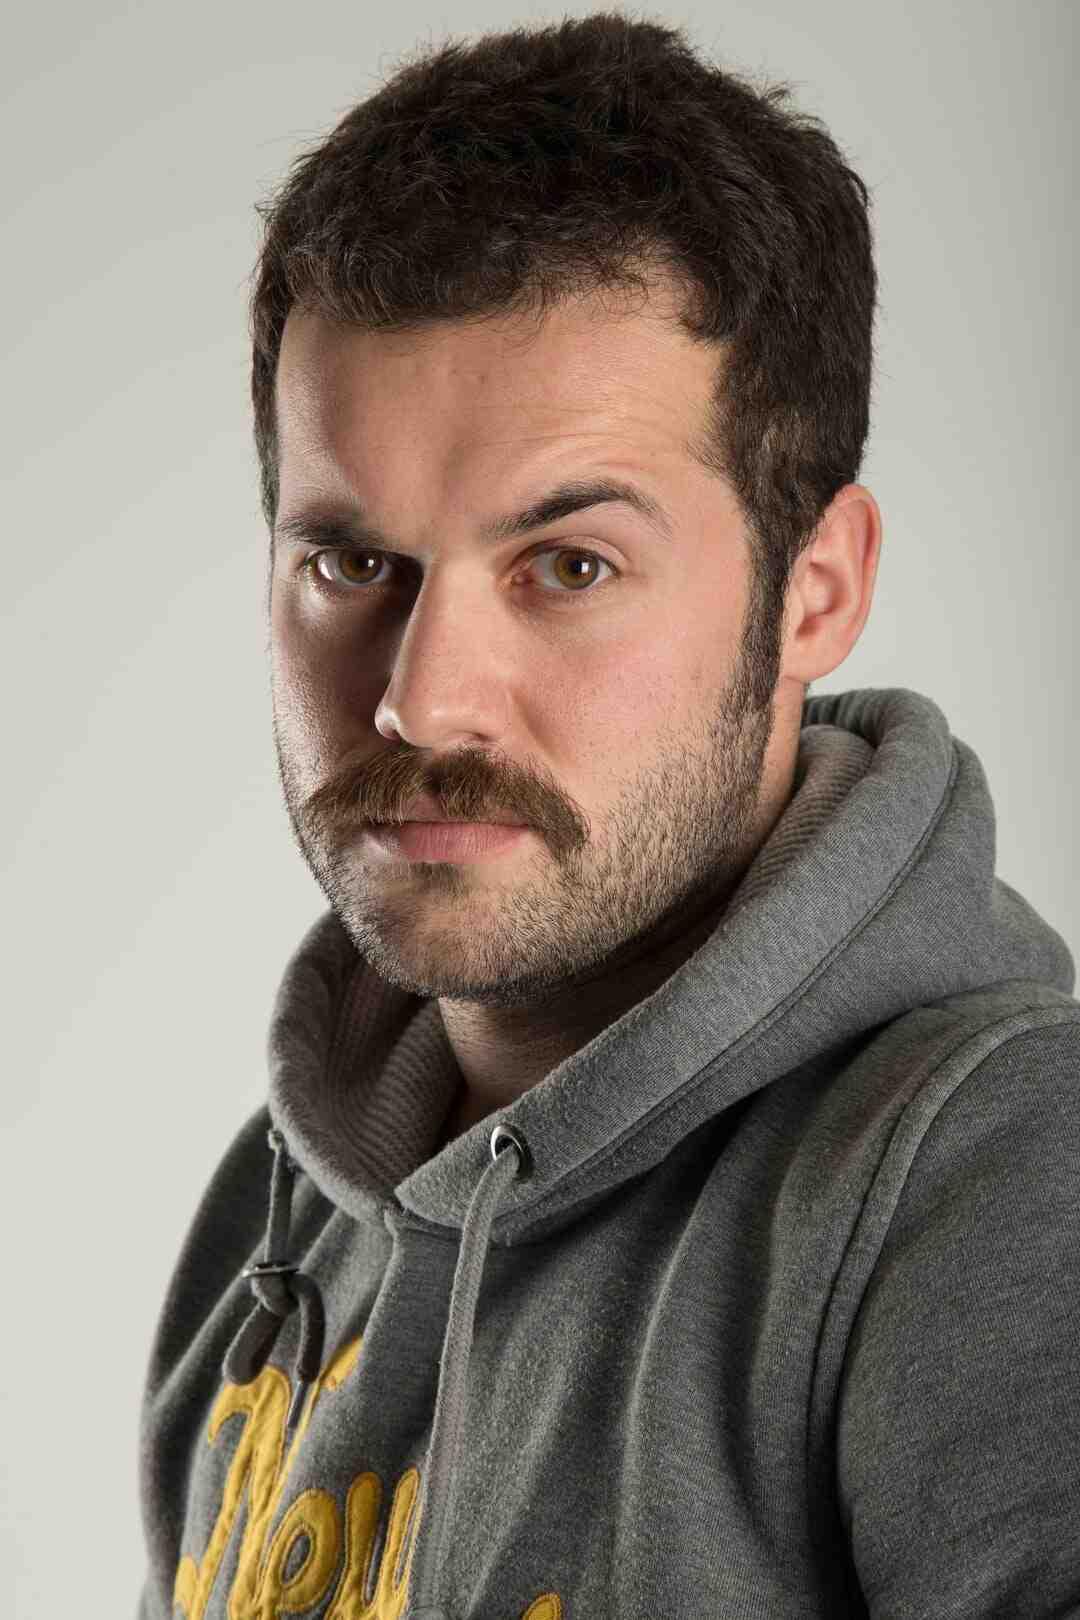 Comment savoir si la moustache me va ?